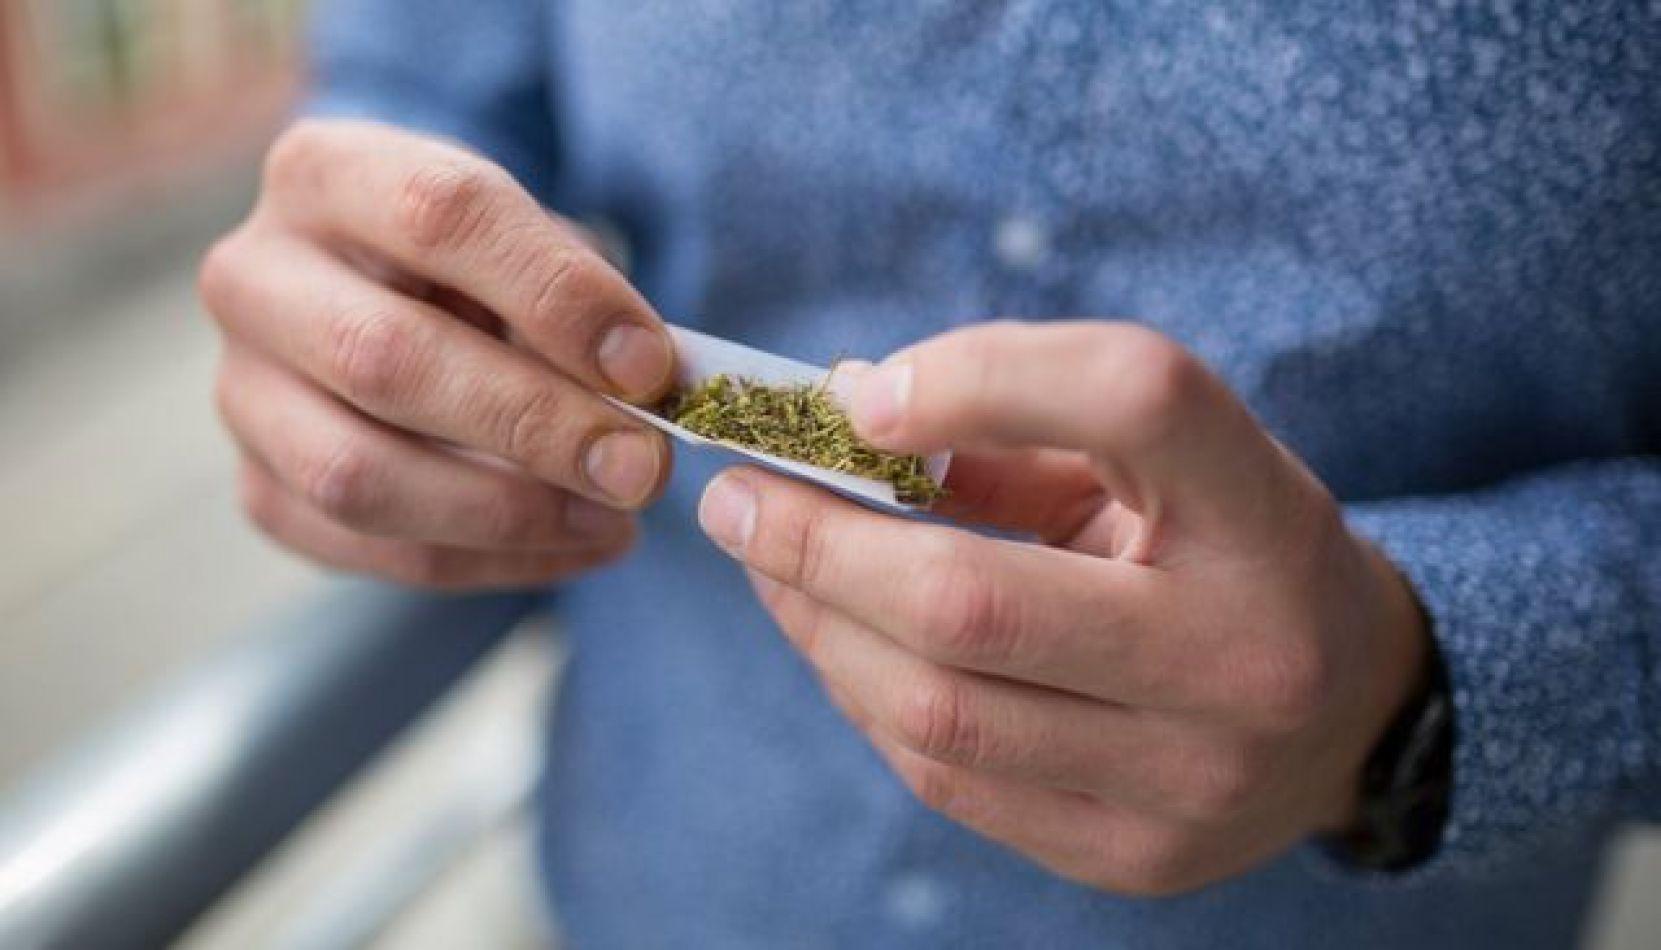 Riesgo de infarto por el consumo de marihuana